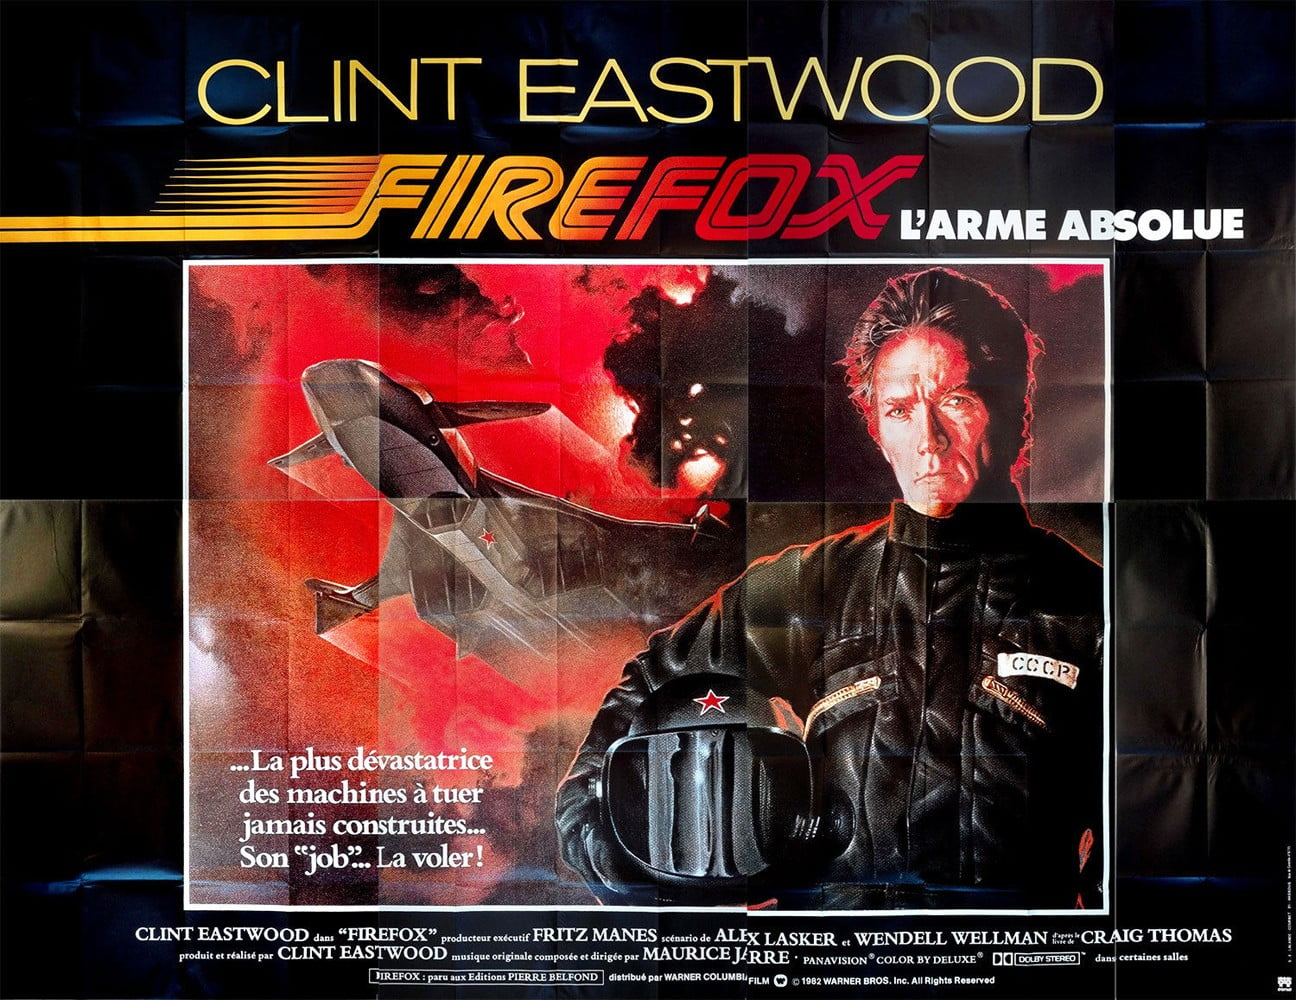 ผลการค้นหารูปภาพสำหรับ firefox film poster